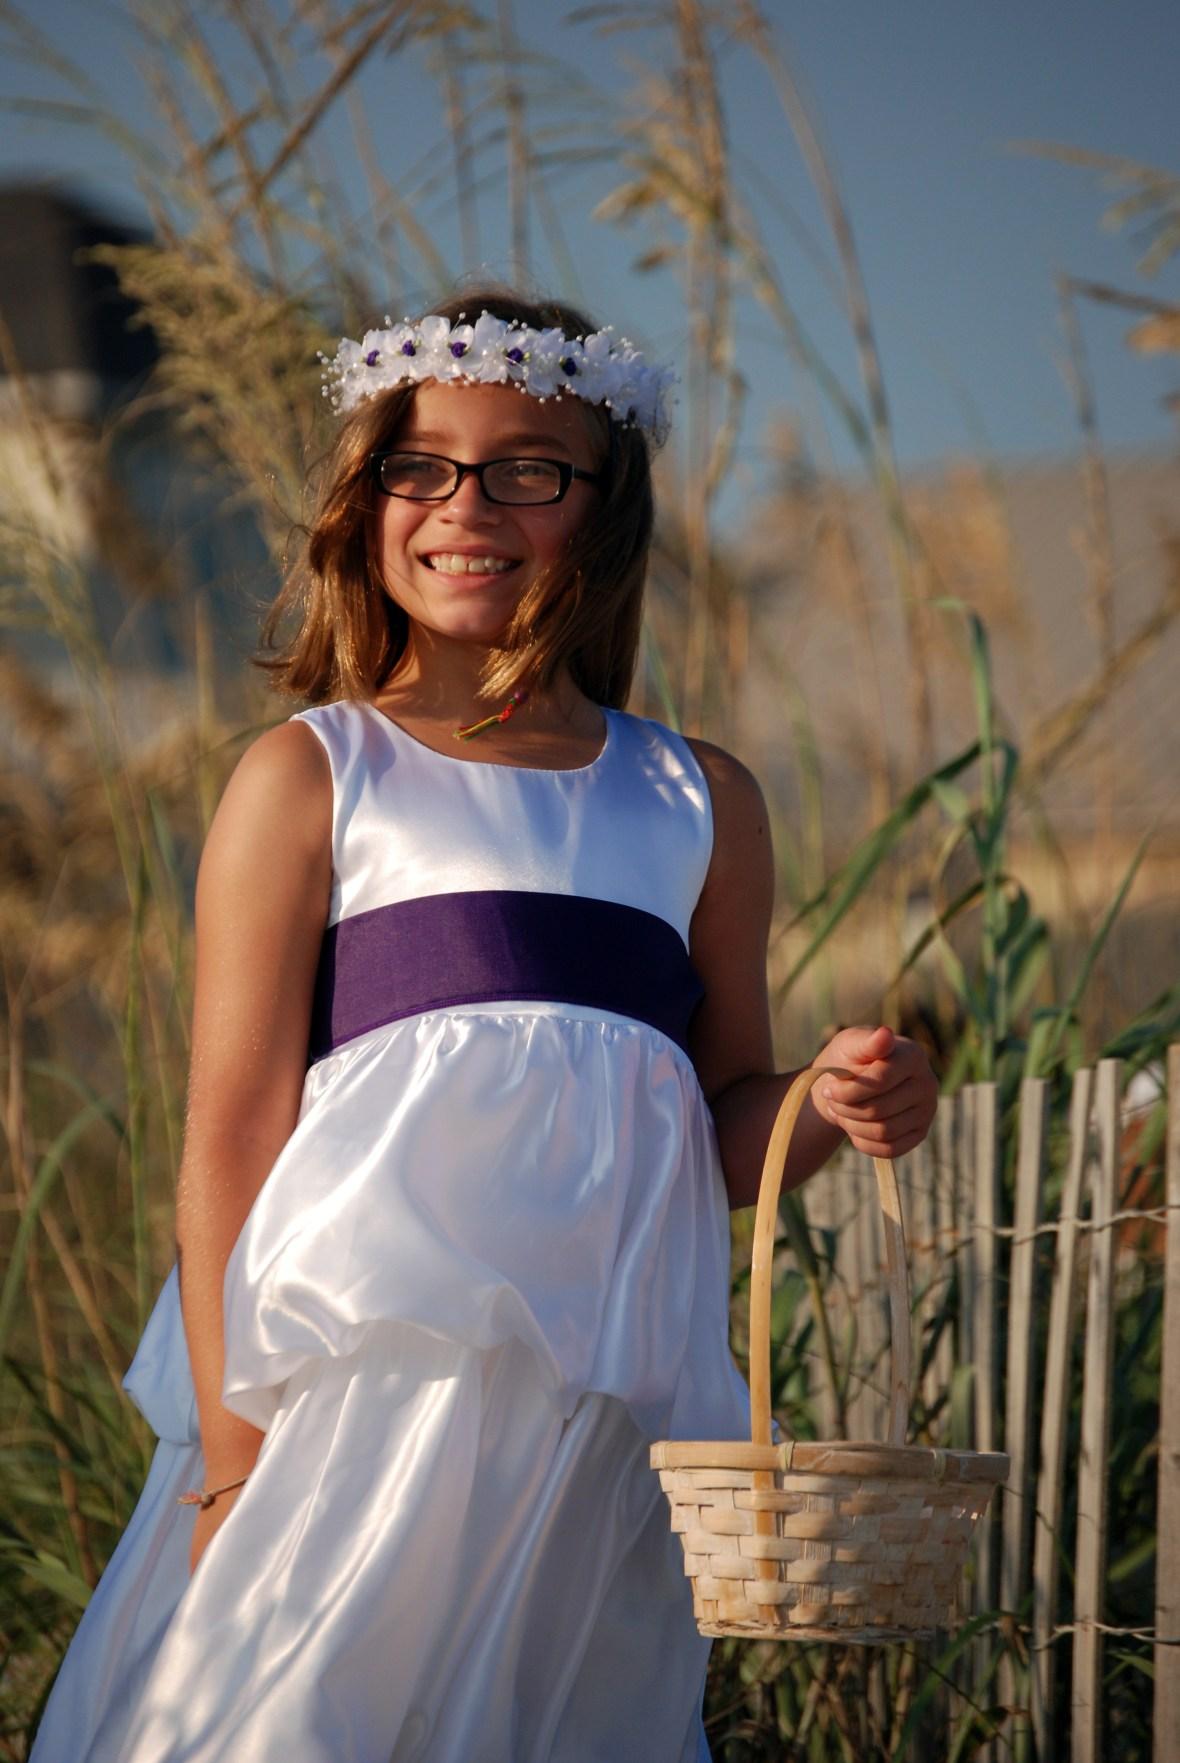 Flower girl at wedding in Myrtle Beach